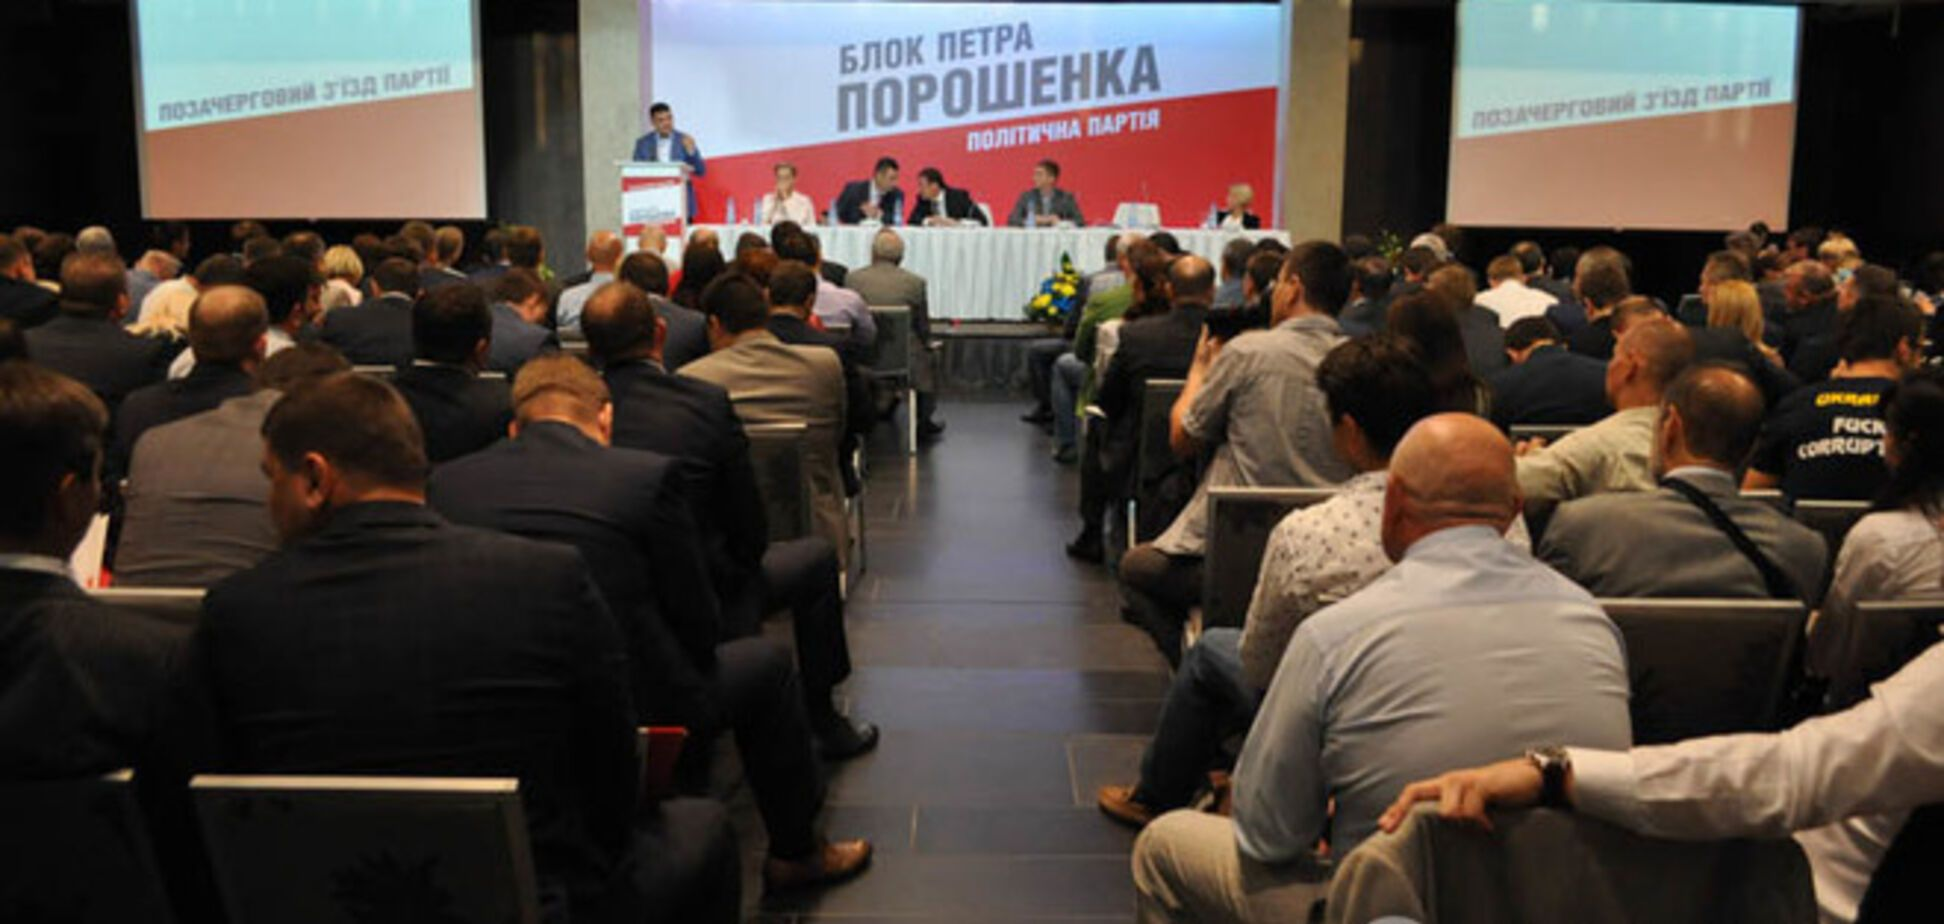 Телетайп. Після виборів можлива 'широченна коаліція' - від Майдану до Красної площі